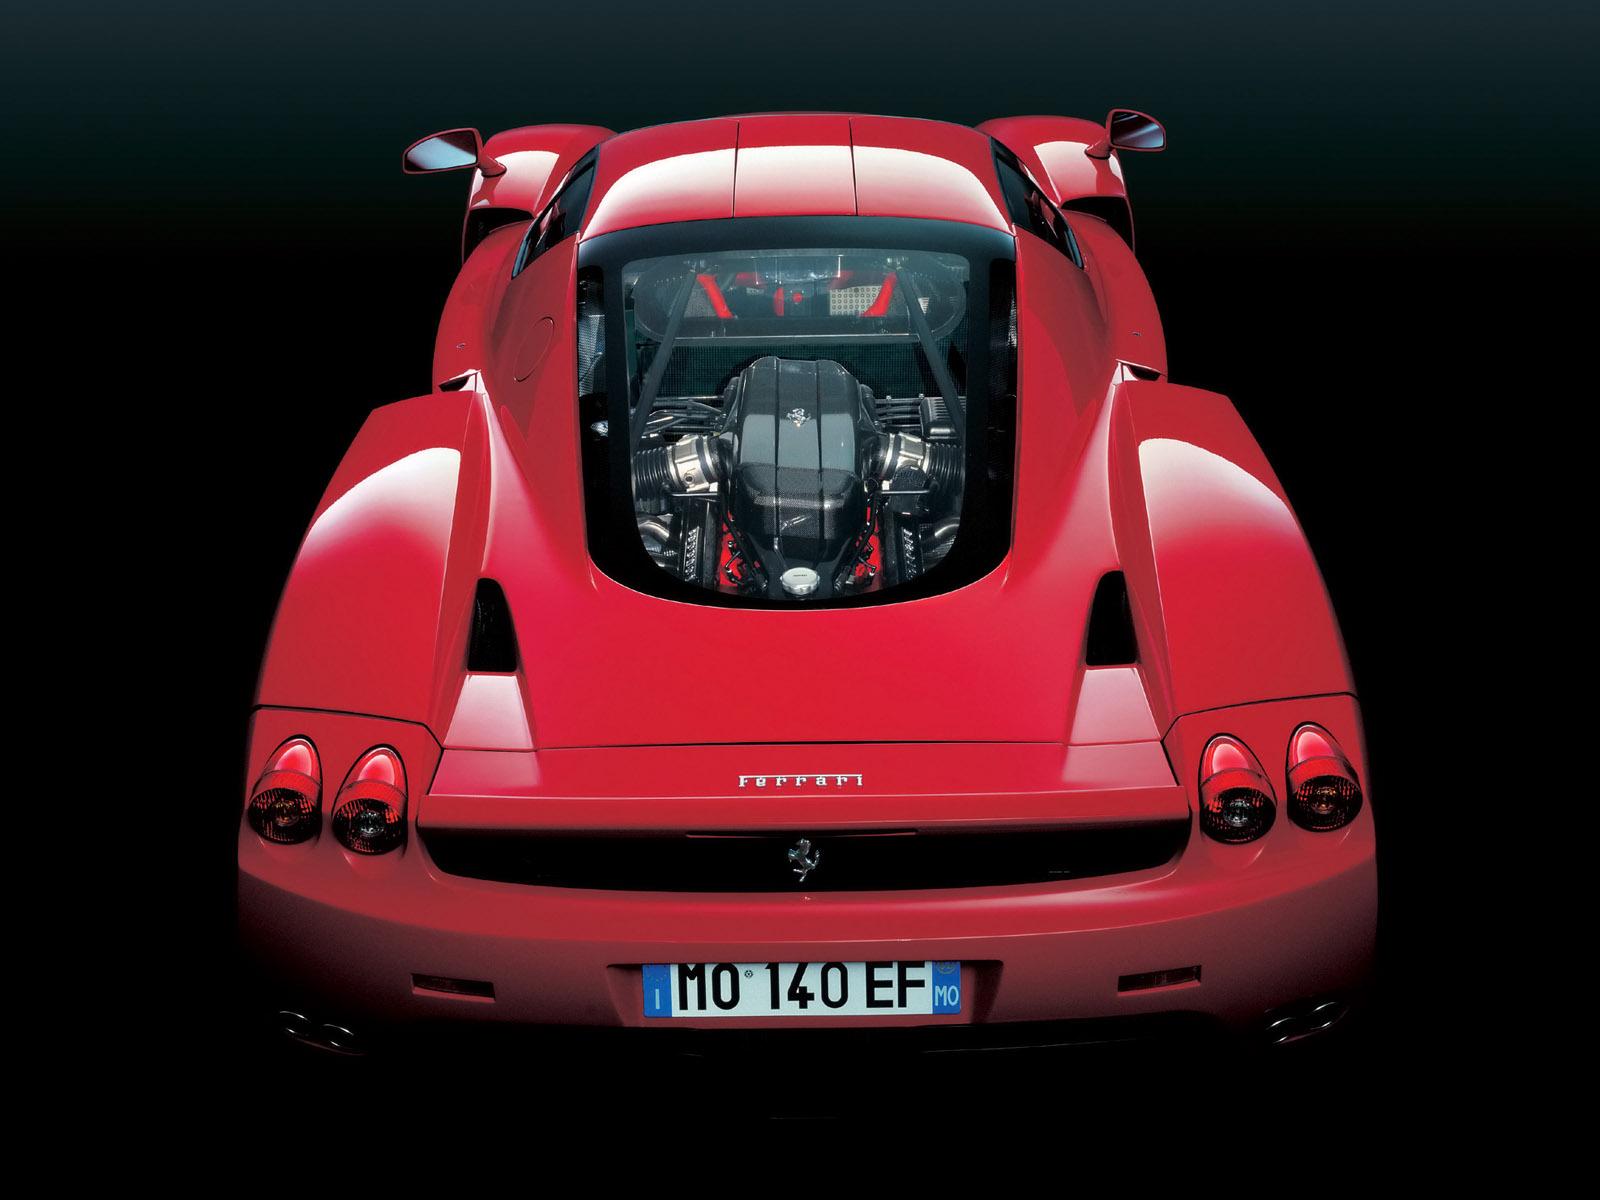 https://2.bp.blogspot.com/_7XKM5uAPfD8/THgaYIu71lI/AAAAAAAAAGY/x1NzyINtm-4/s1600/Ferrari-Enzo-Rear-Top-1600x1200.jpg